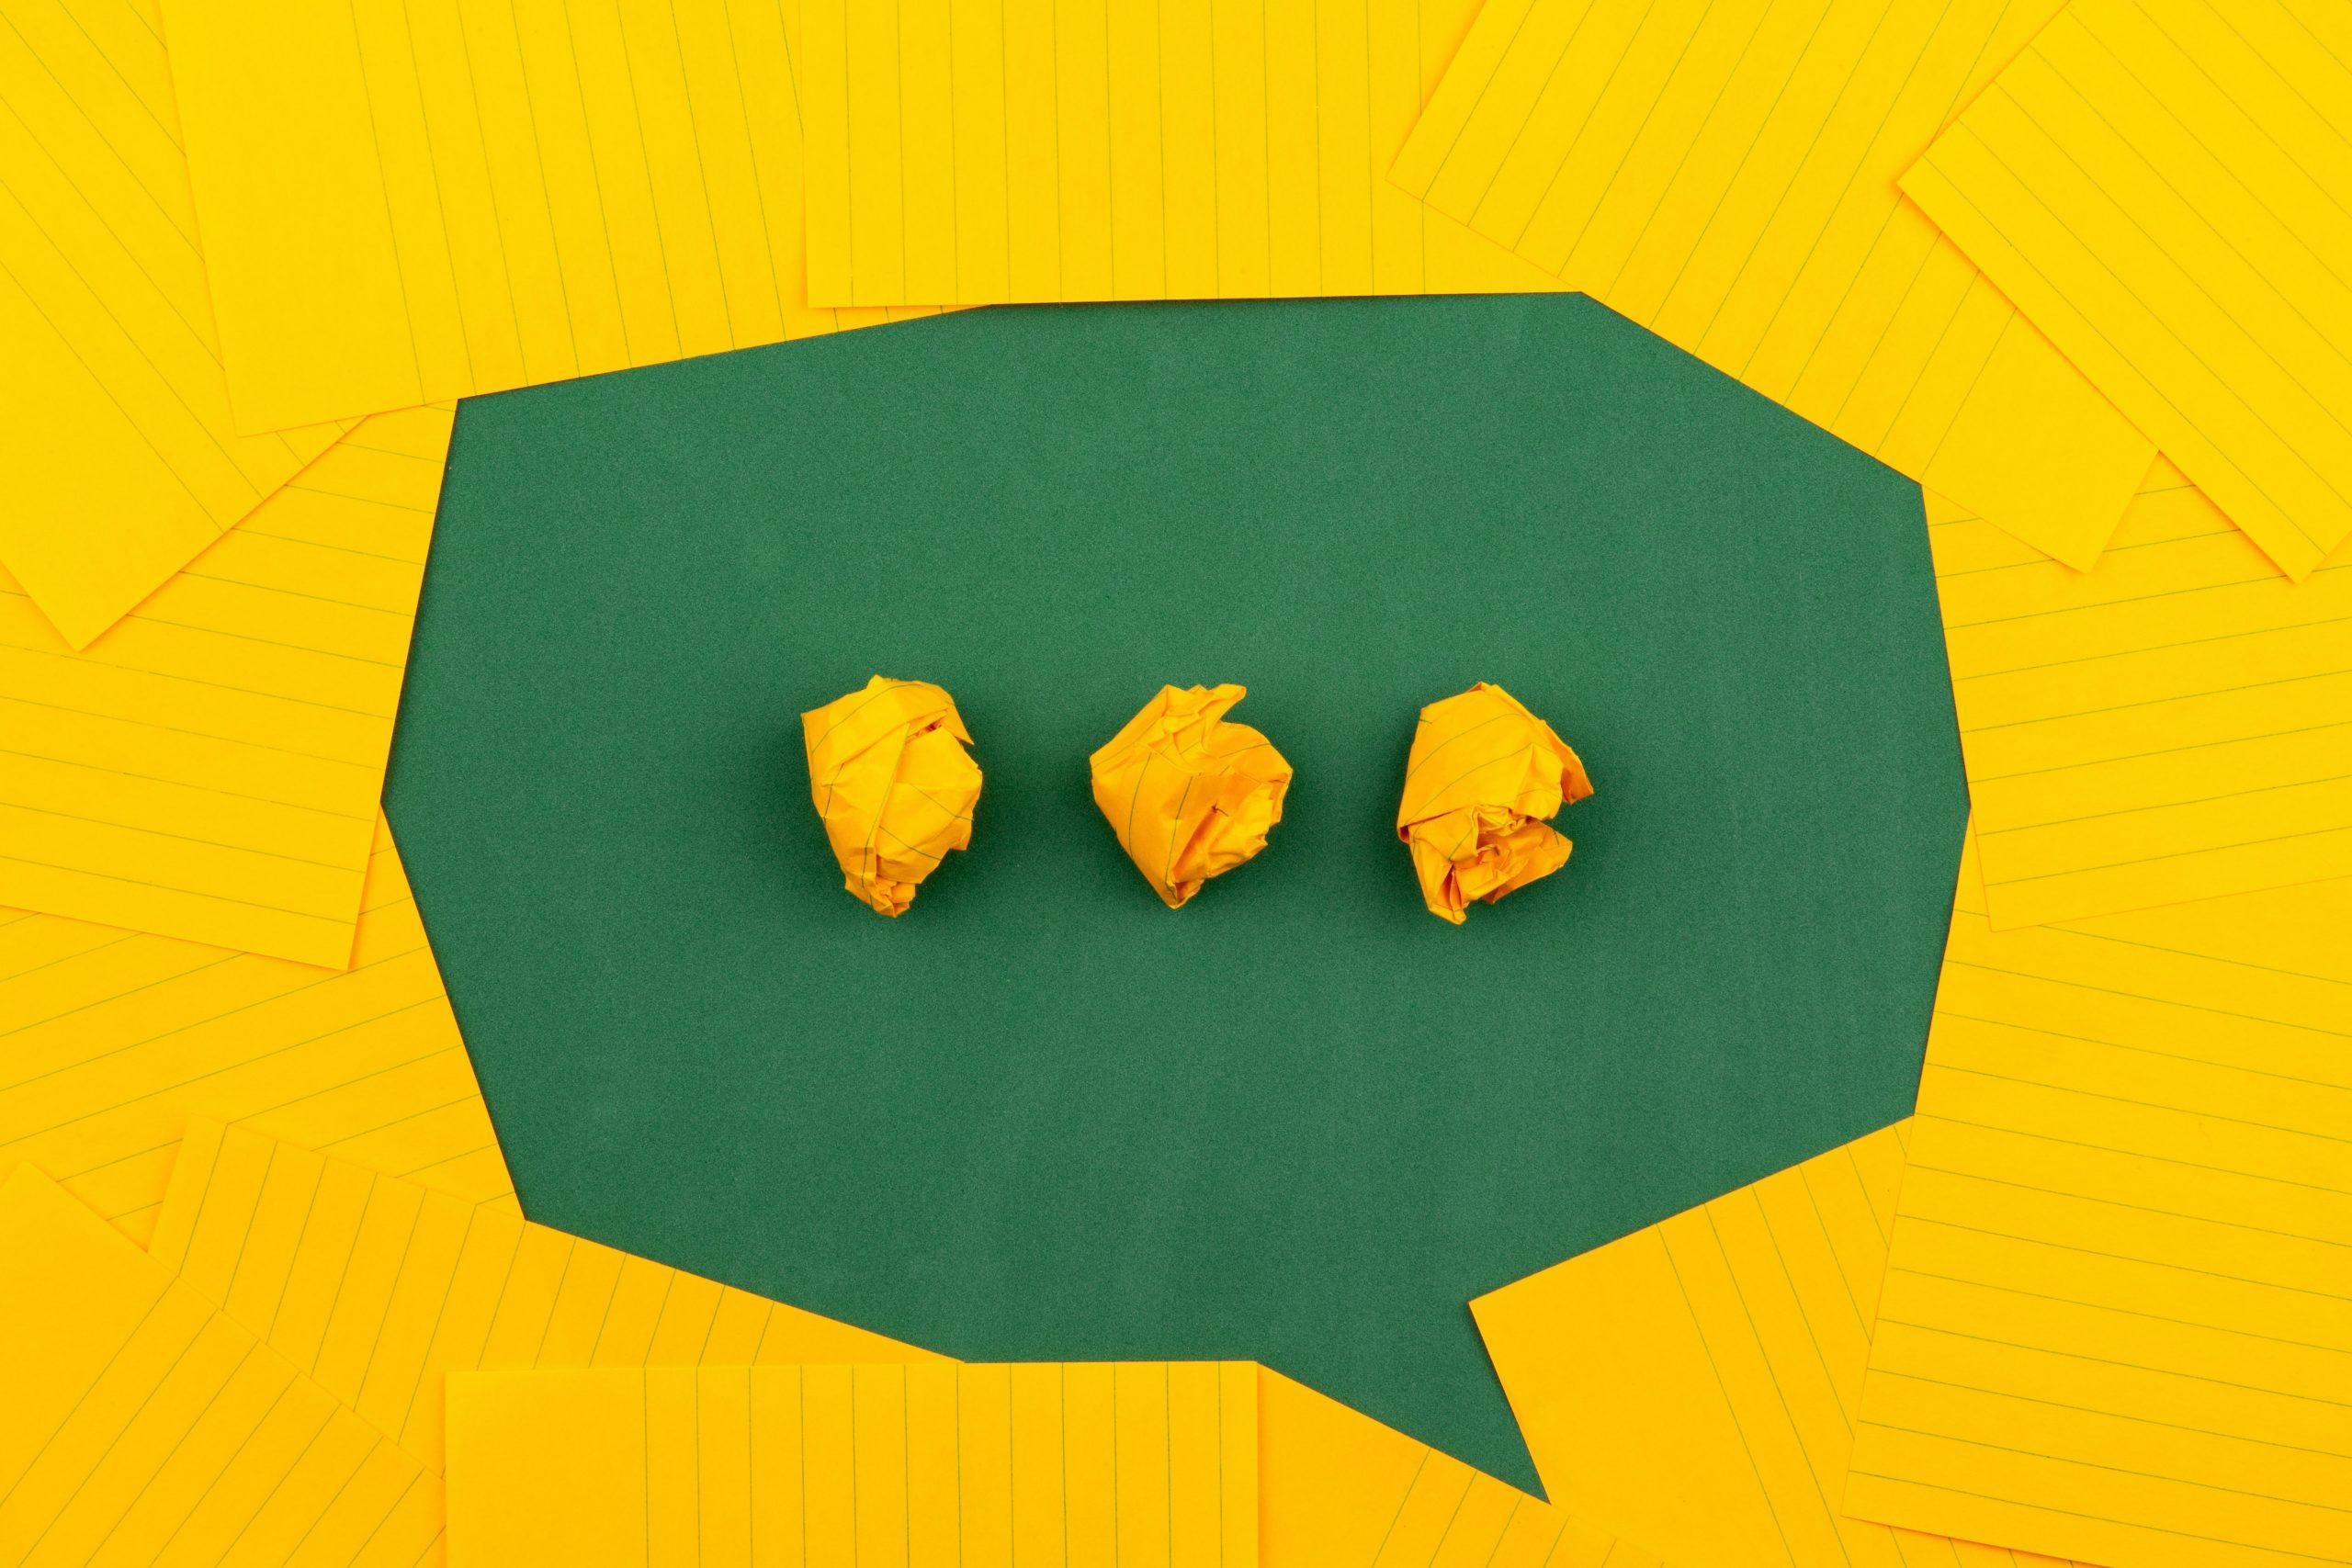 Kann ich Sie nur kurz mal sprechen? - Basiskurs zum Kurzgespräch in Seelsorge und Beratung (2 Module)